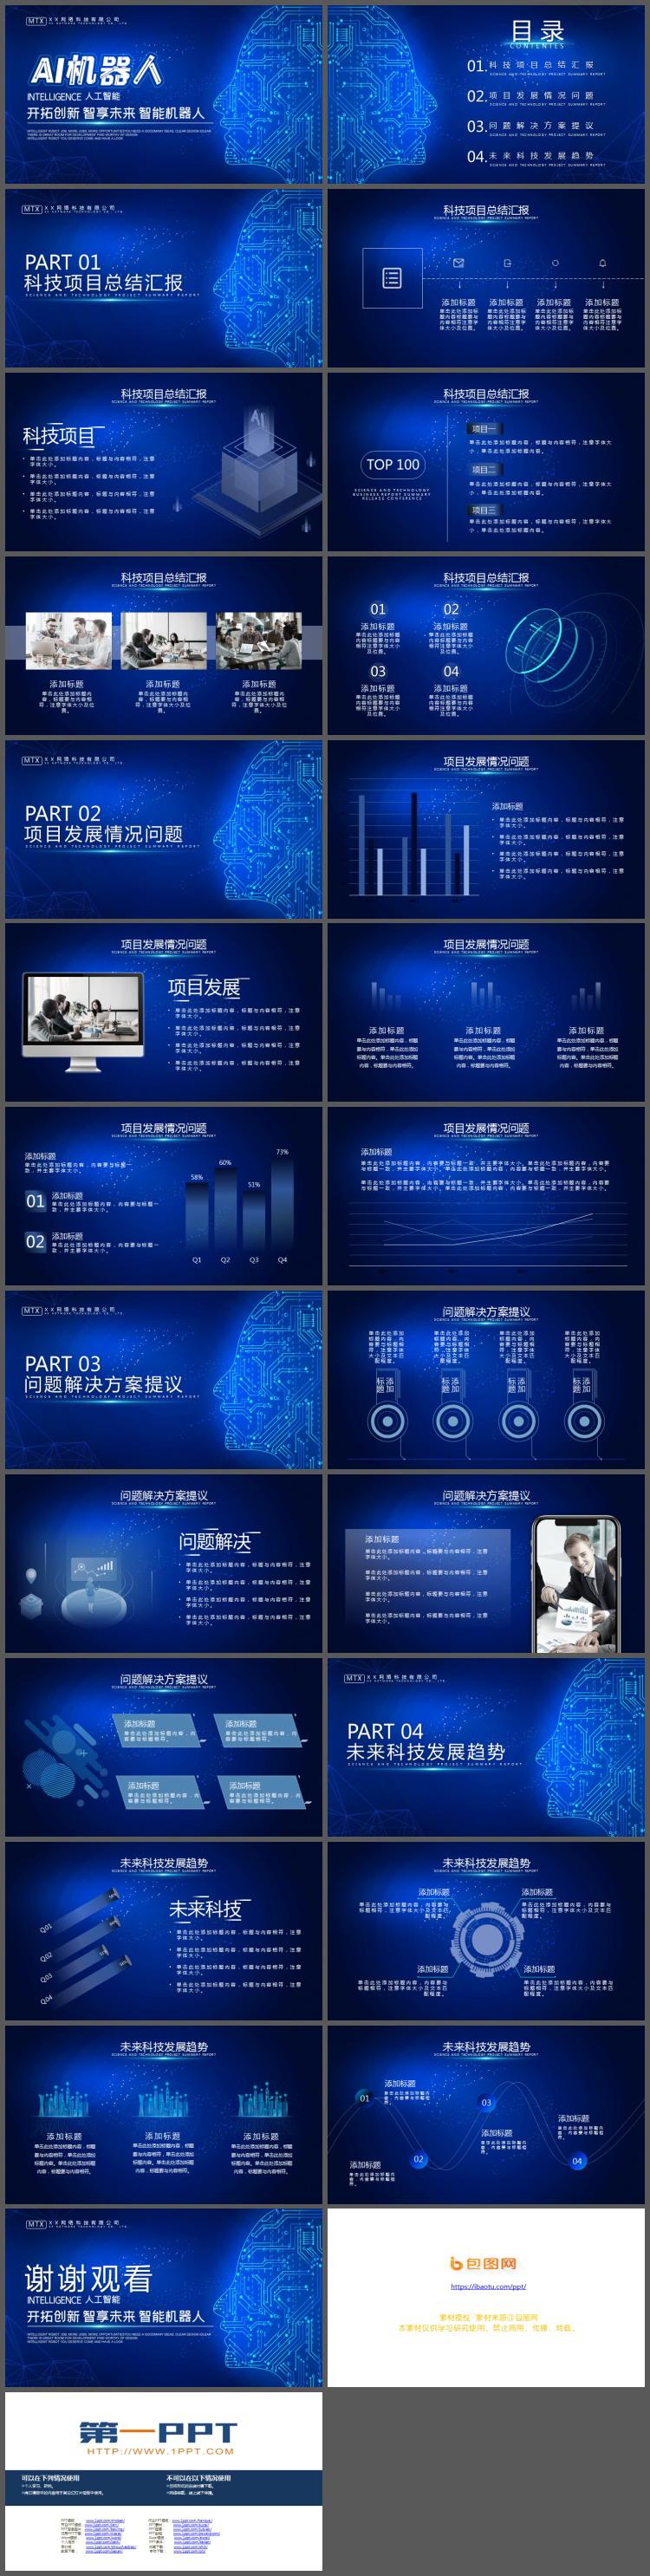 蓝色电路人脸背景的AI人工智能主题PPT模板